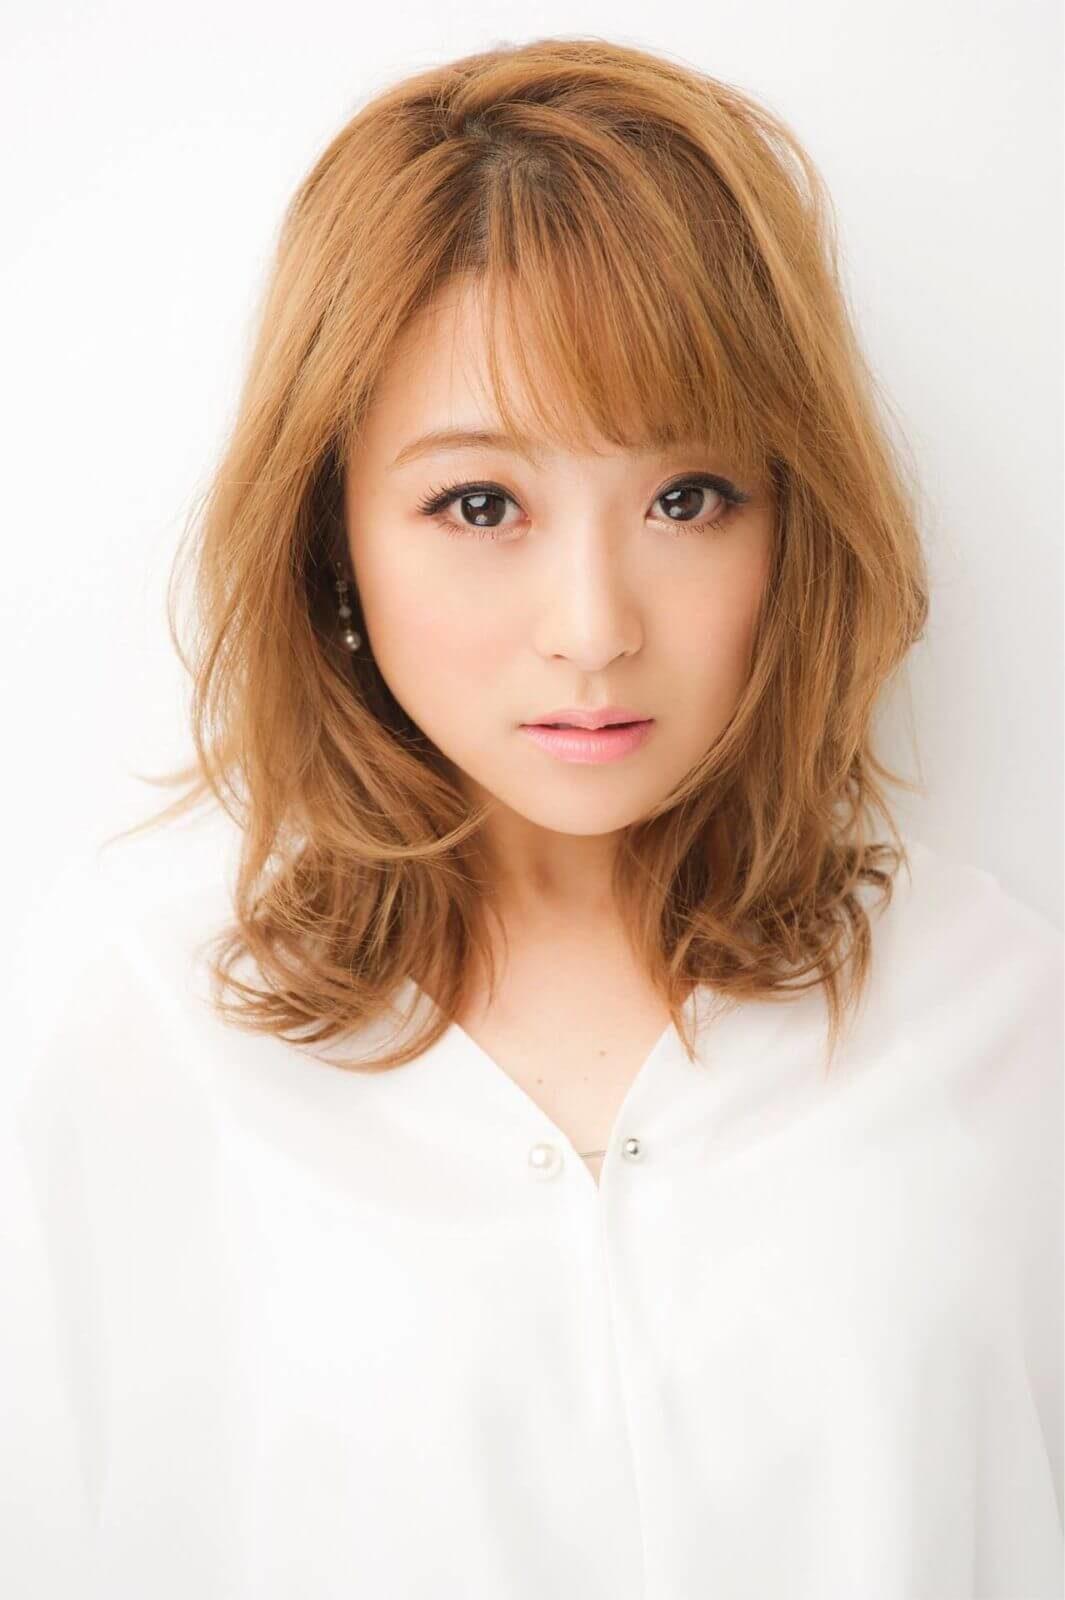 鈴木奈々、自身とキャラ被りした芸能人を告白「声がデカイだけで…」